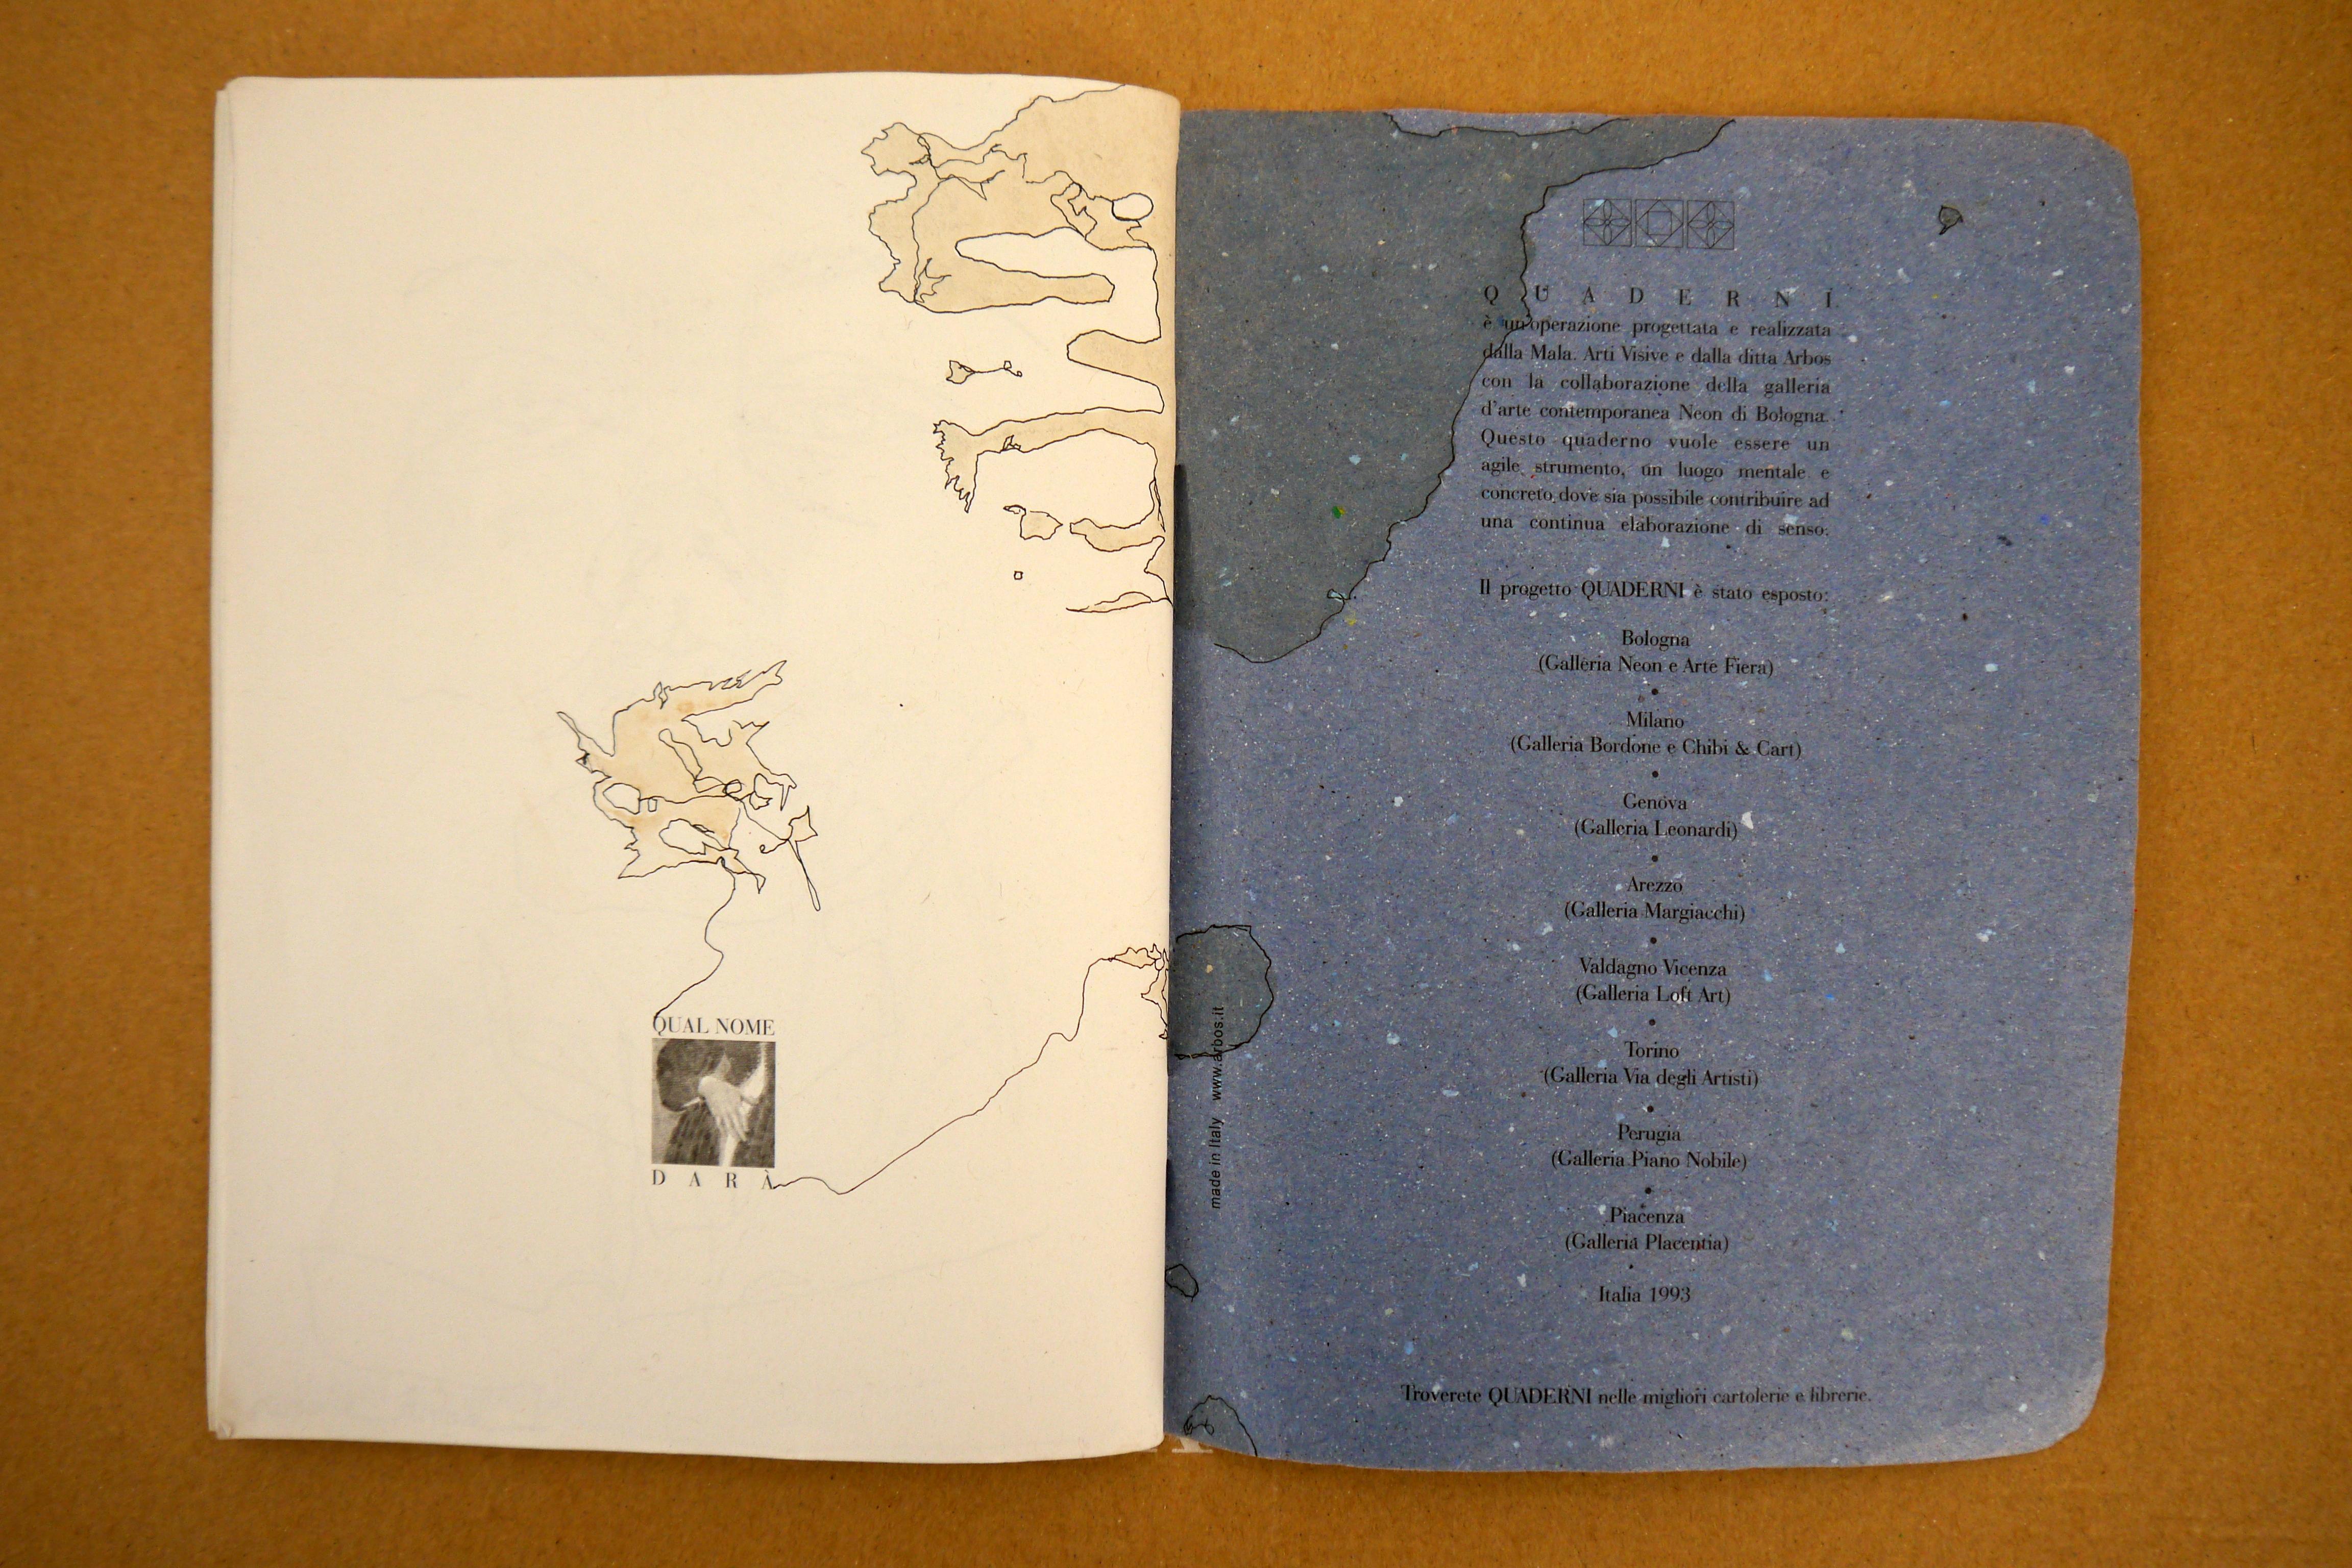 Blue Book Svea Bischoff Sketching